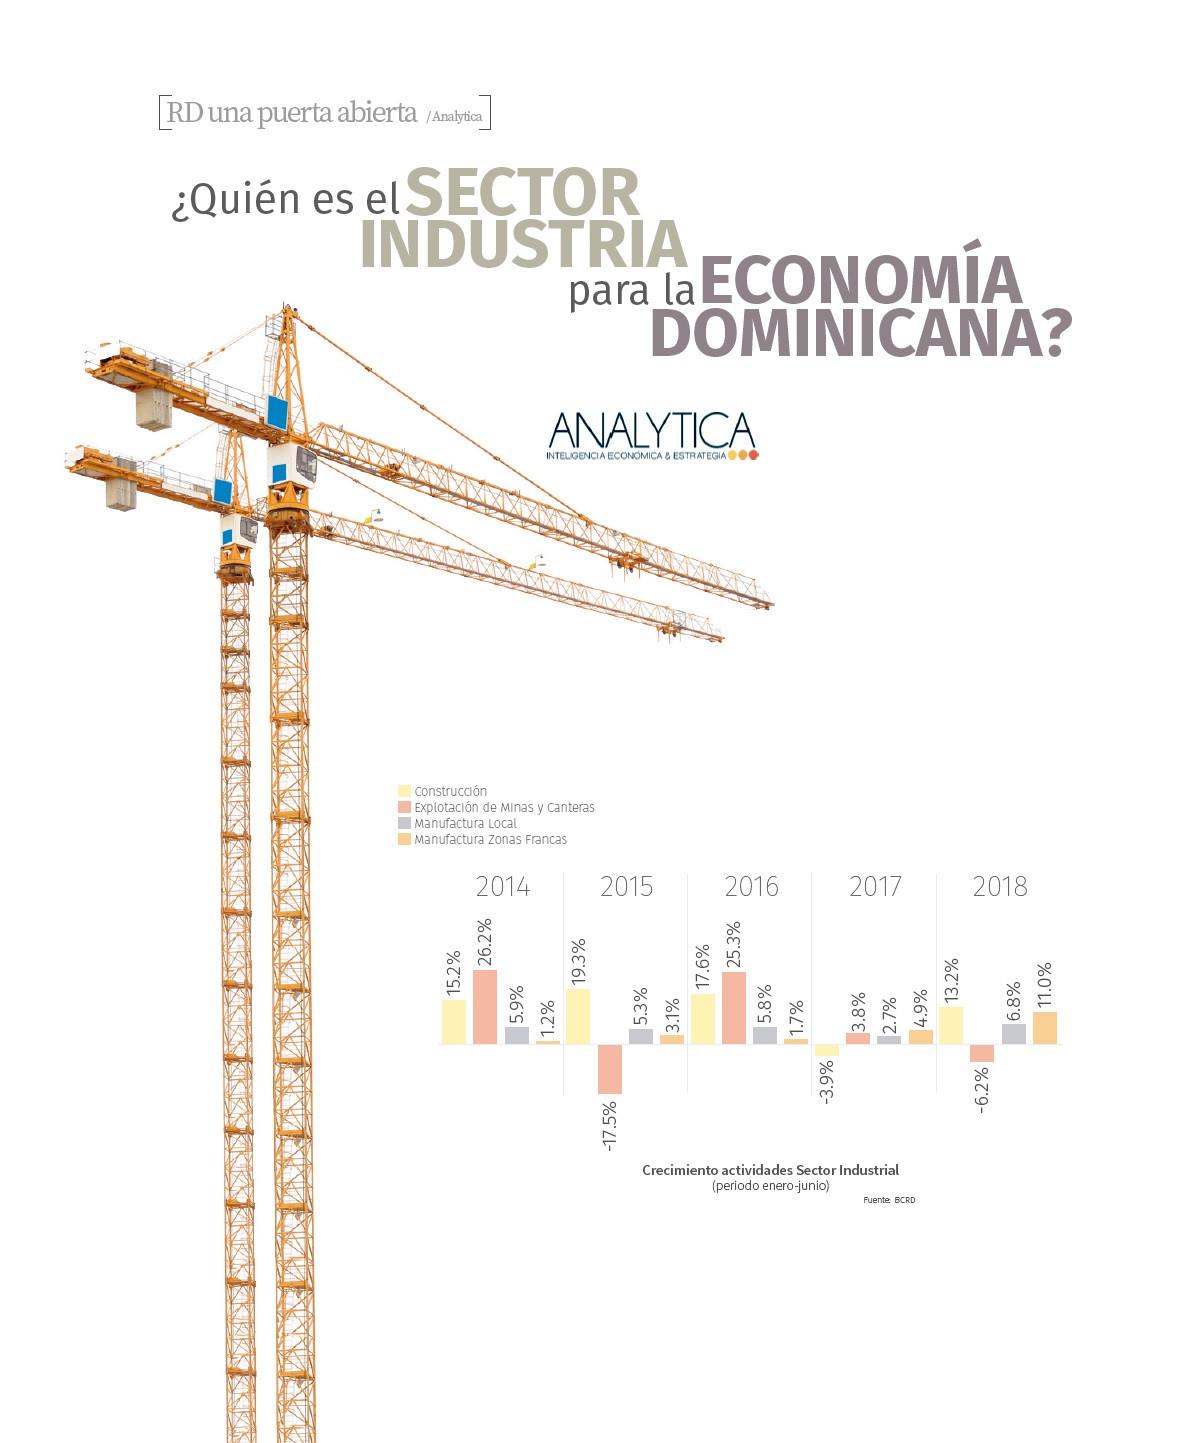 RD una puerta abierta: Analytica,  ¿Quién es el Sector Industria para la Economía Dominicana?